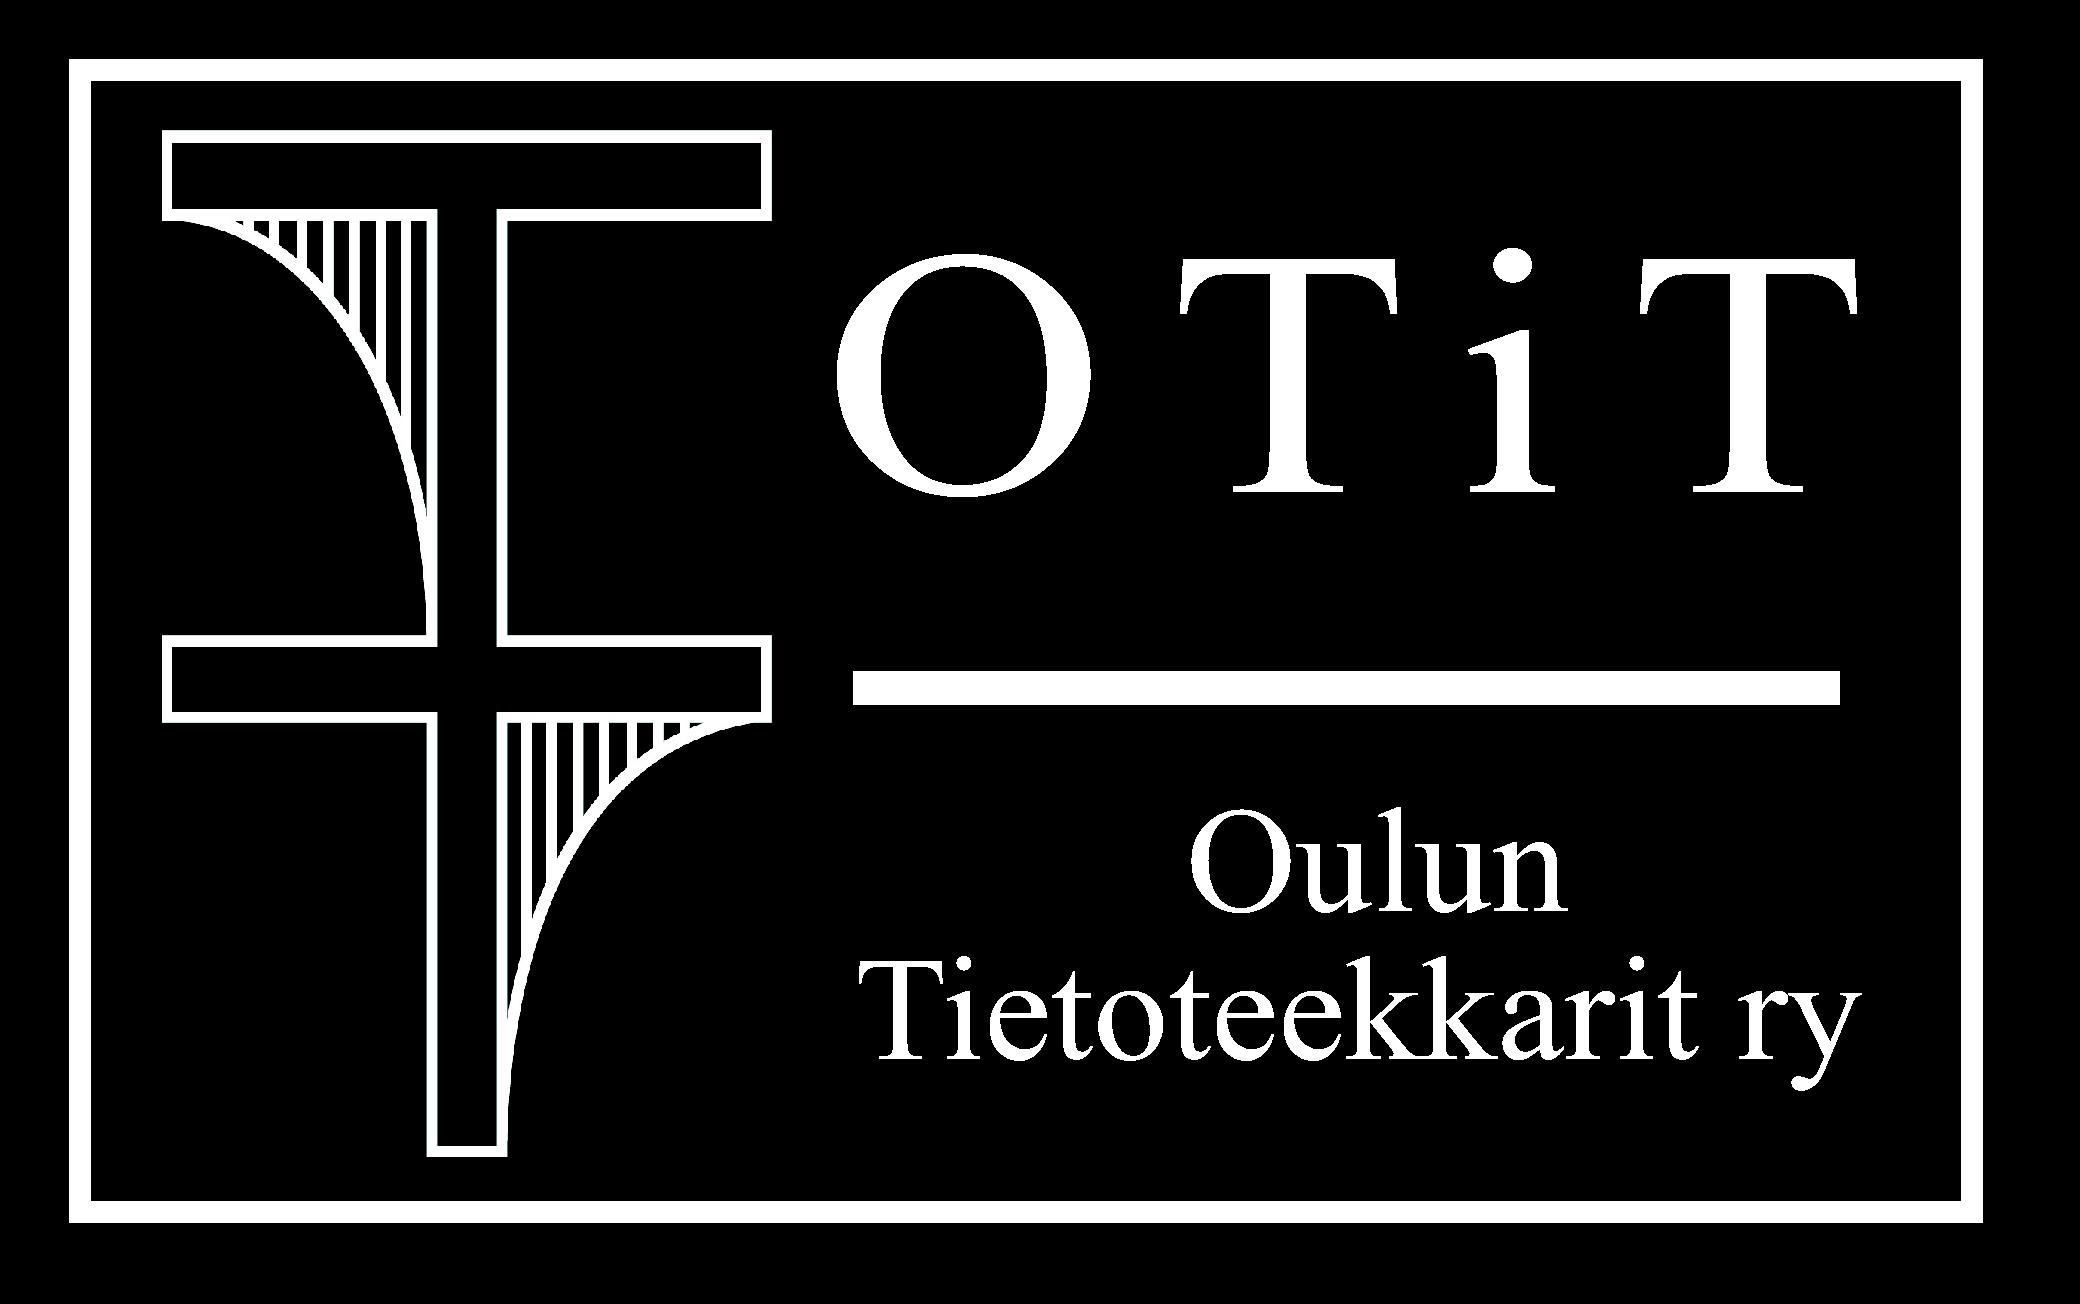 Yritys: Oulun Tietoteekkarit ry